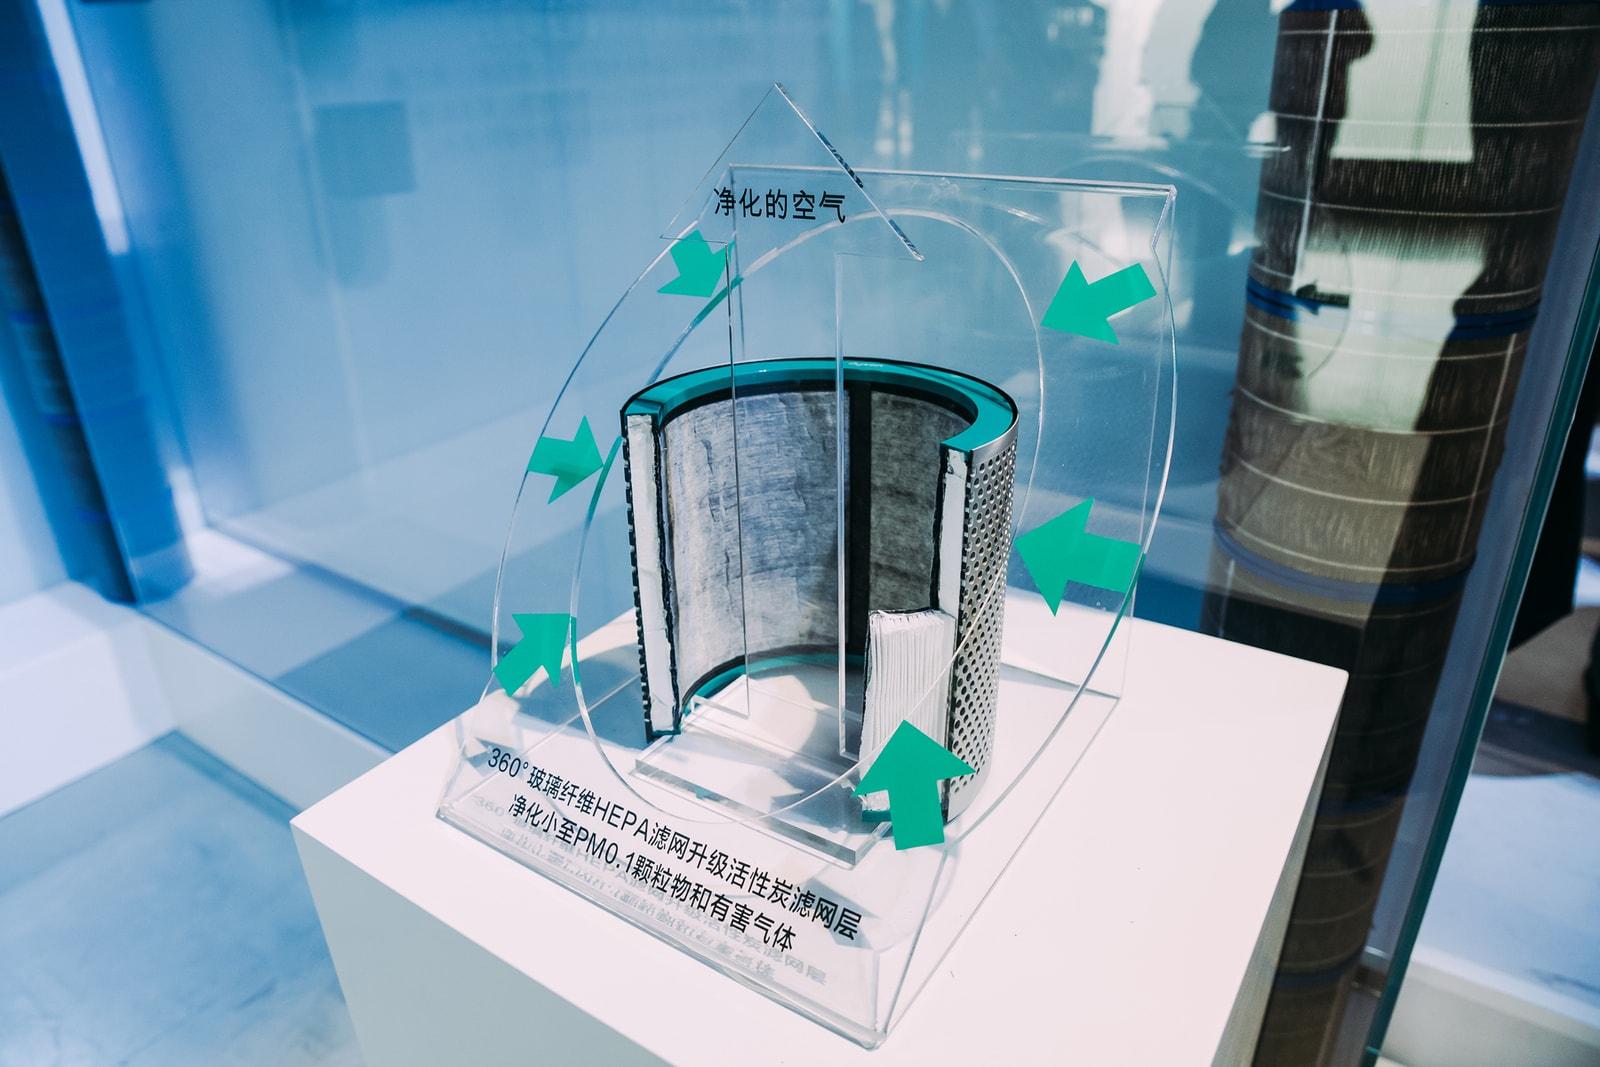 走進 Dyson Pure 最新空氣清新風扇系列北京發布會現場